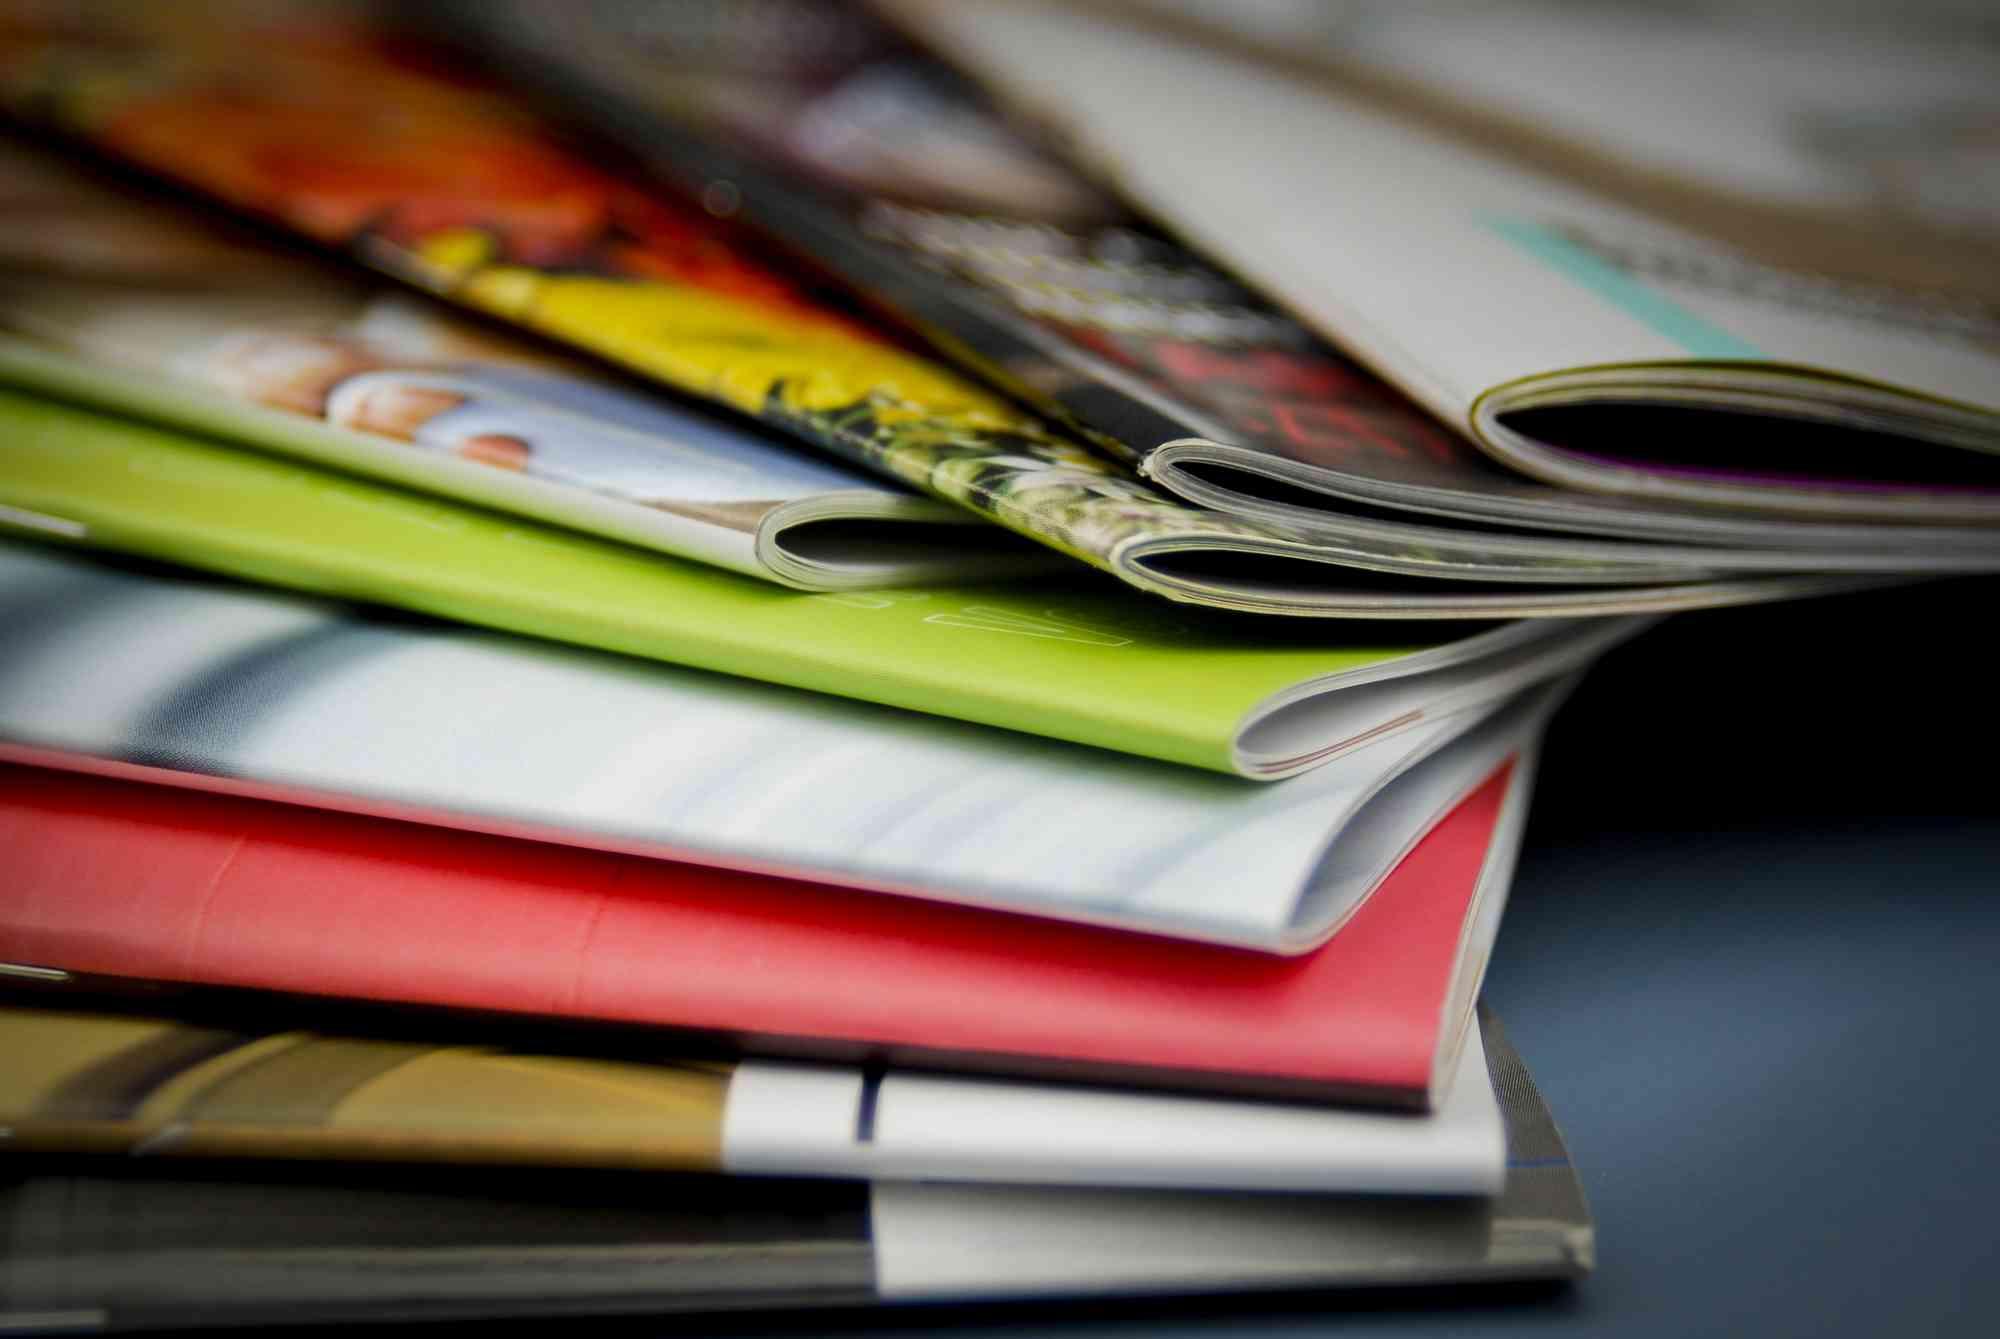 La brochure publicitaire : outil de communication efficace